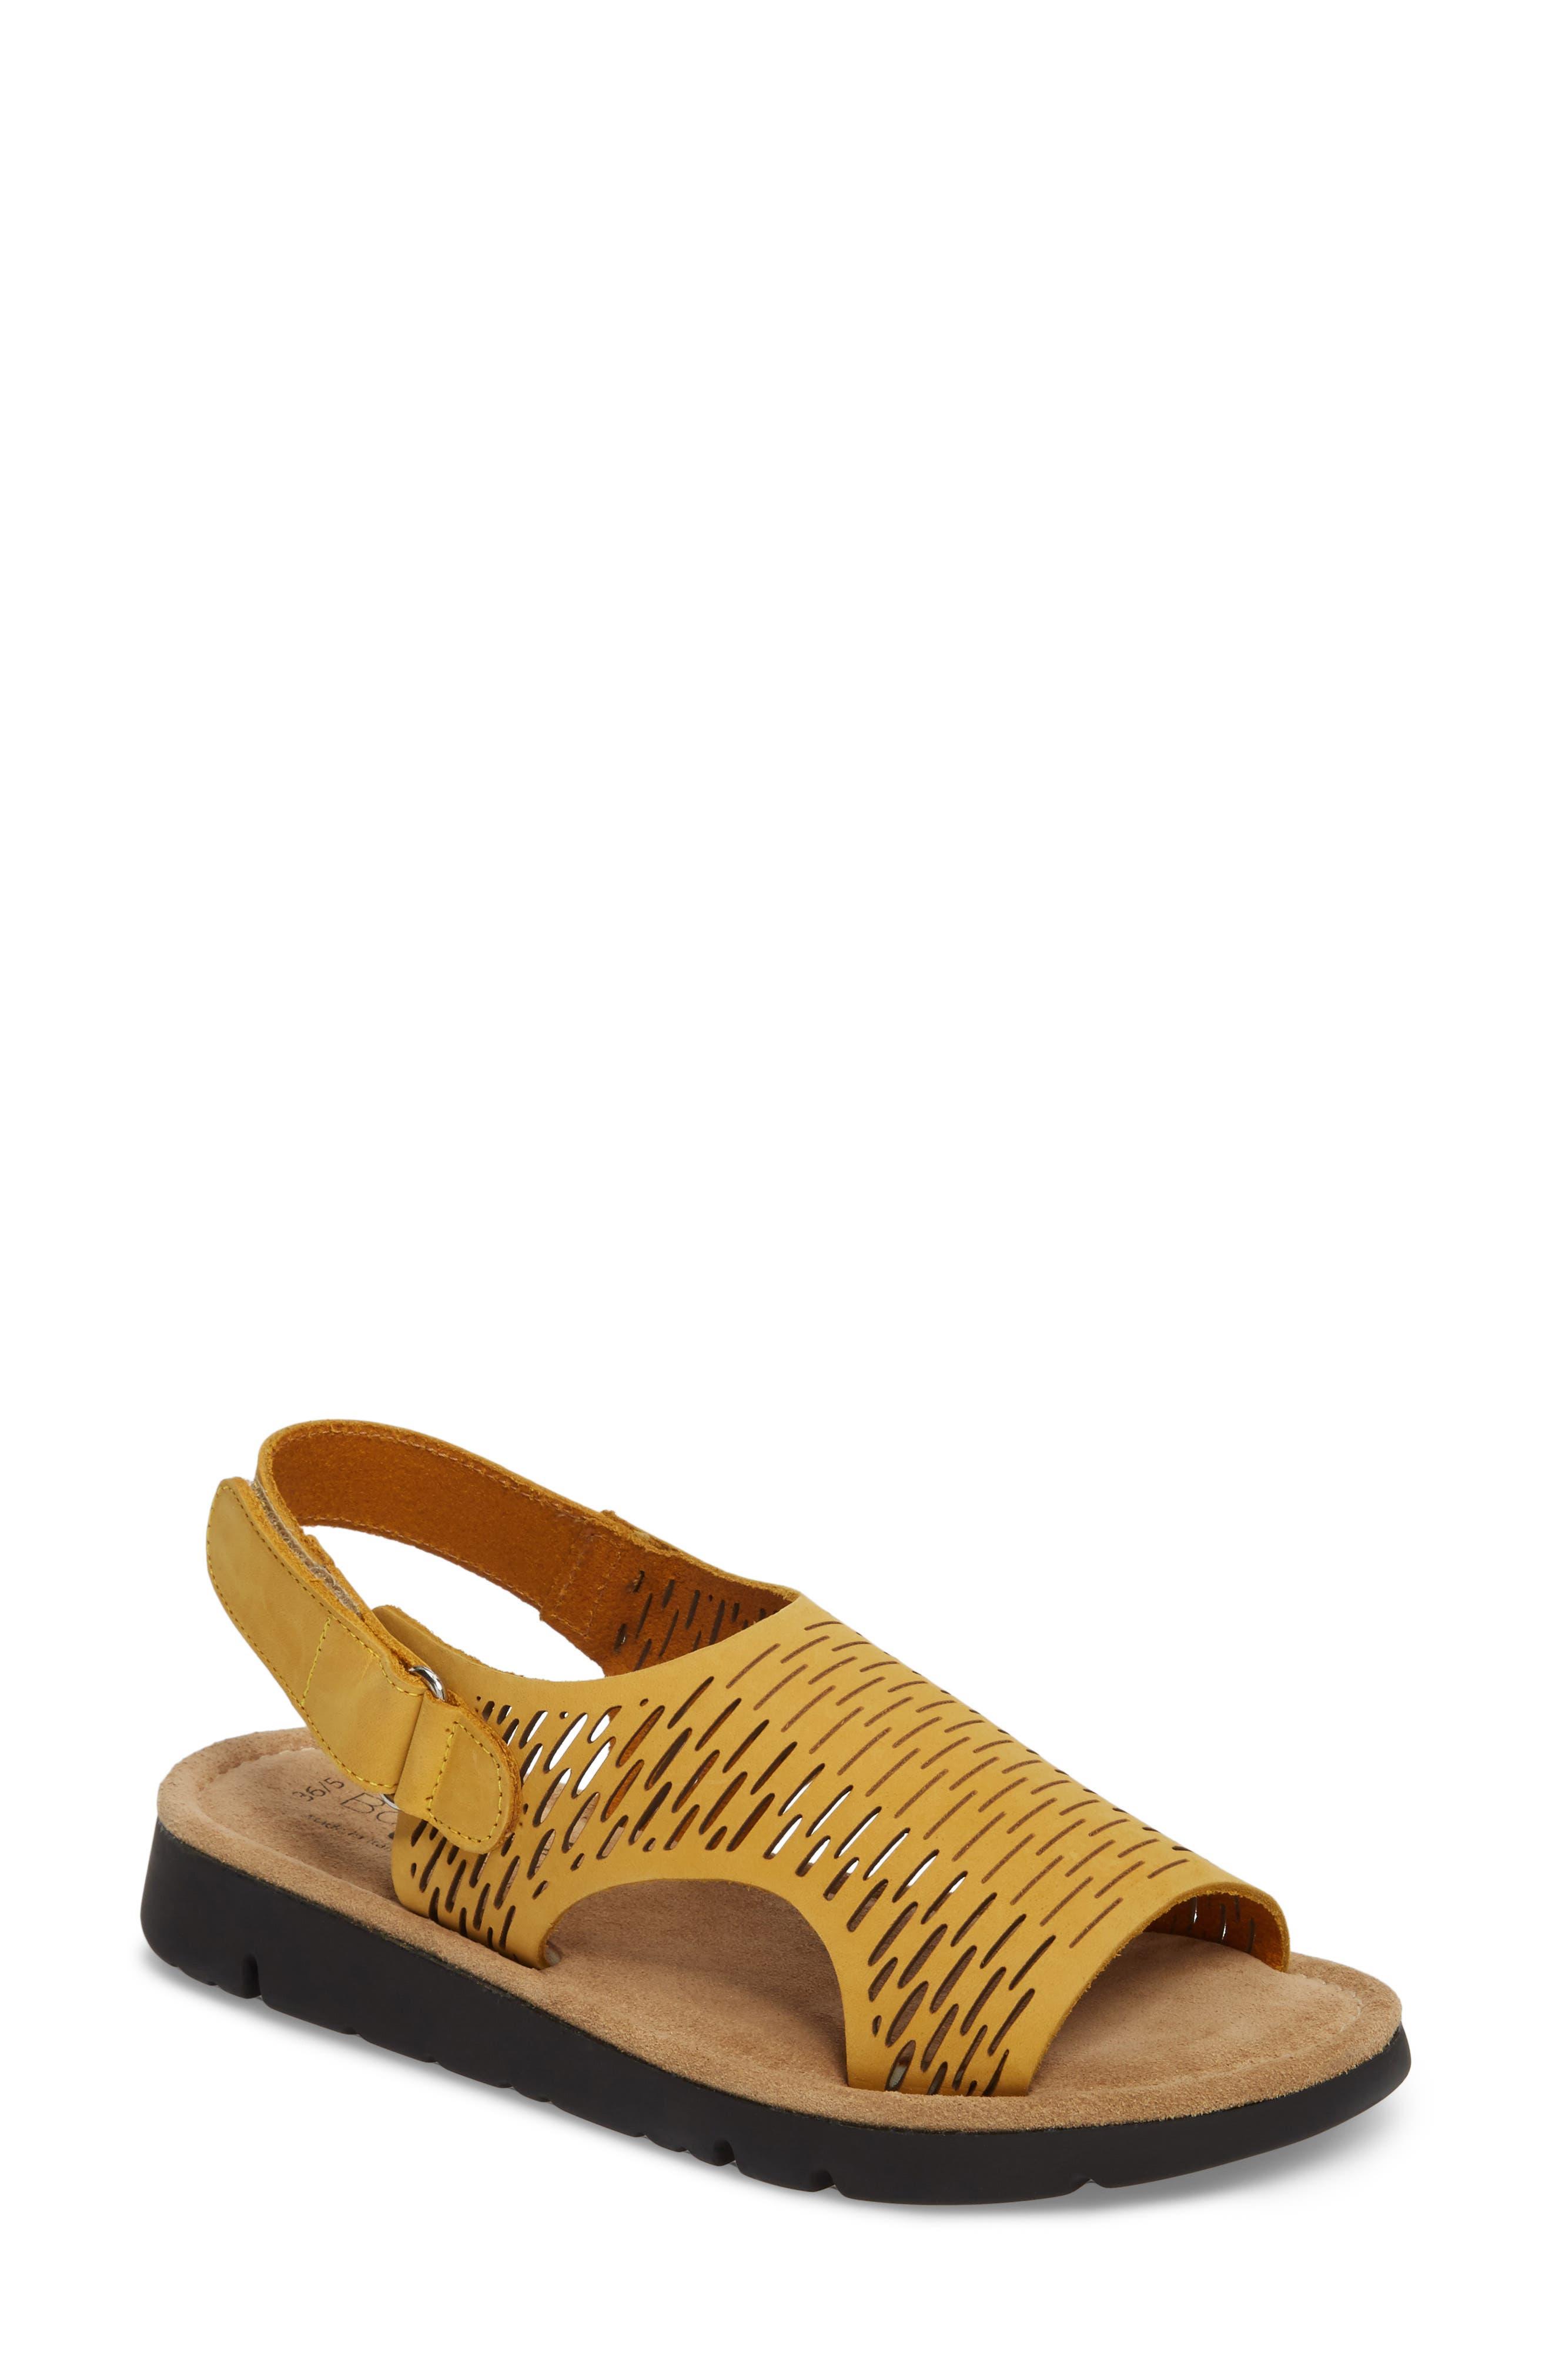 Bos. & Co. Saga Sandal - Yellow